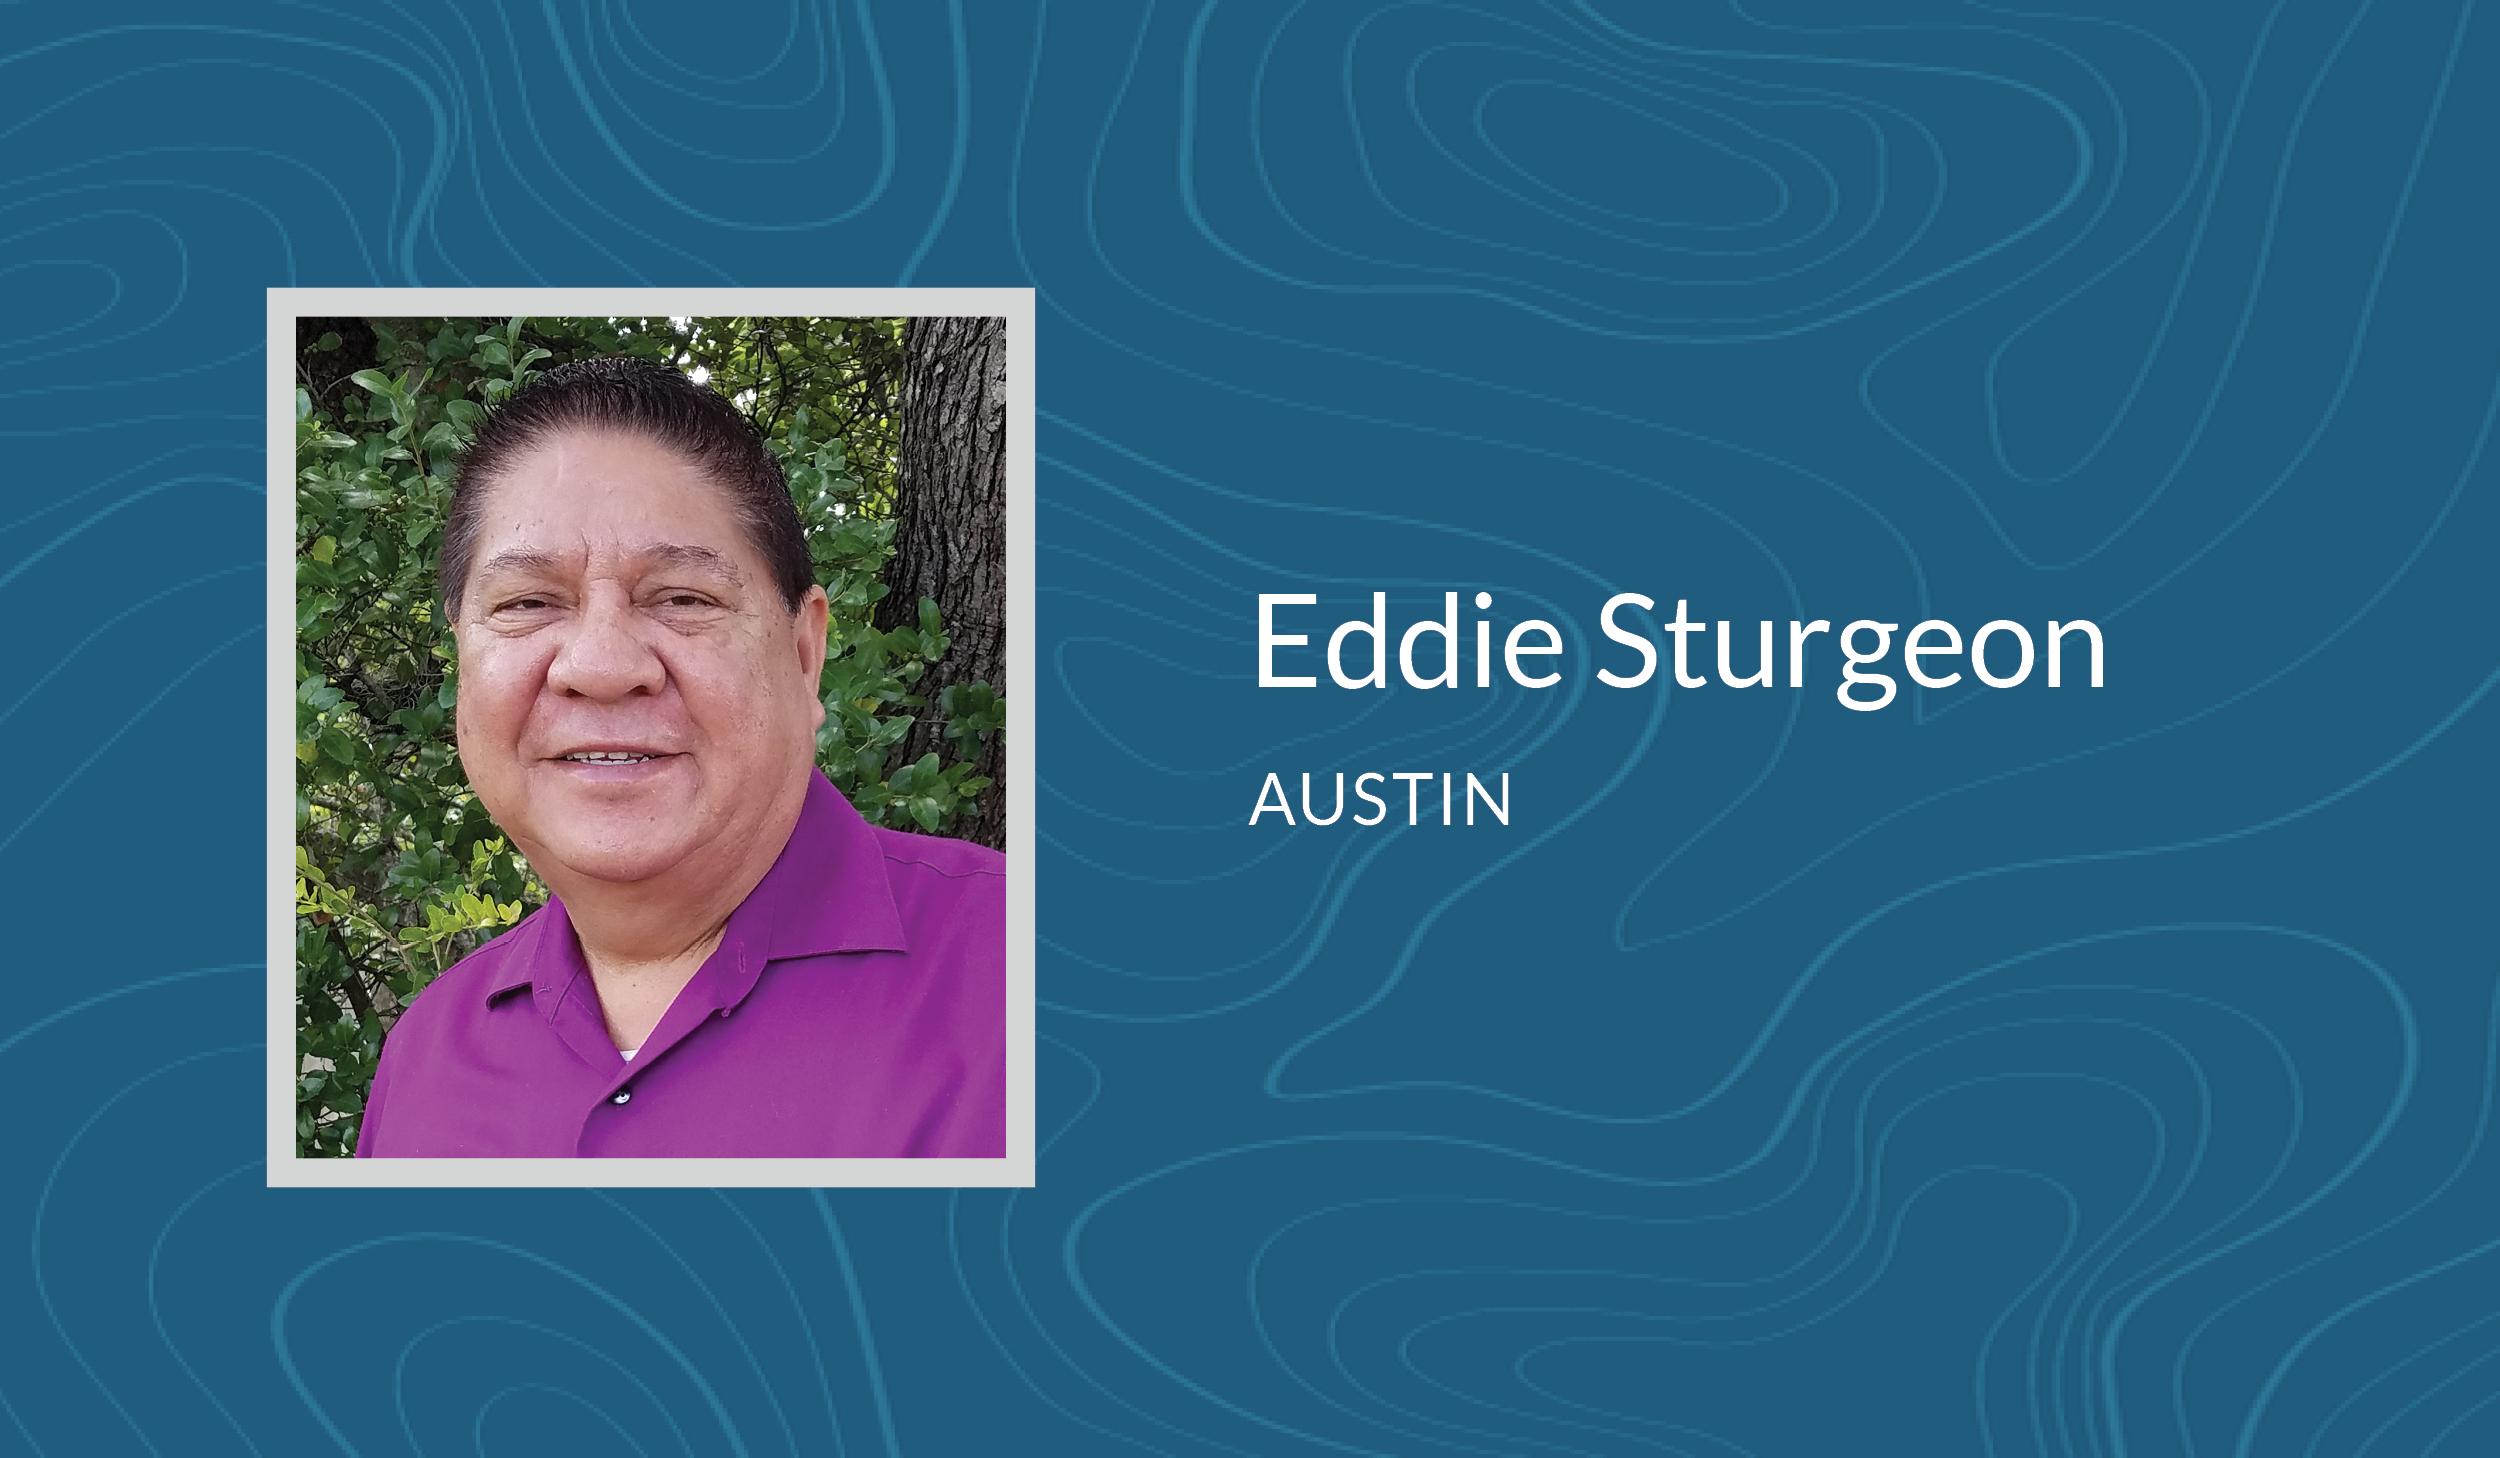 Eddie Sturgeon Landing Page Headers.png